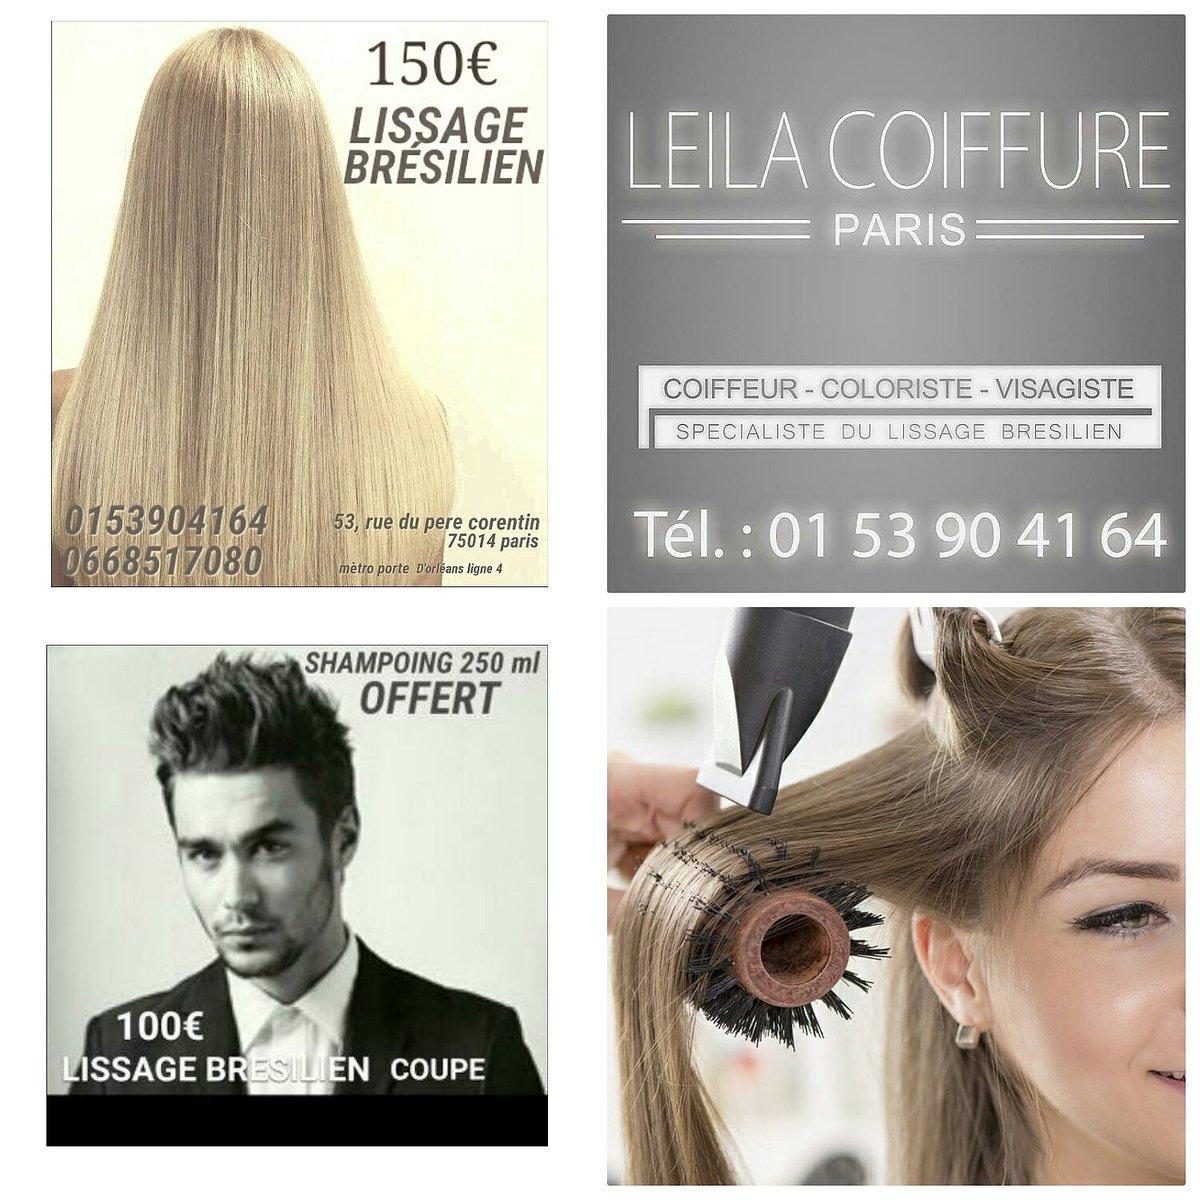 0 replies 0 retweets 1 like - Coiffeur Coloriste Paris